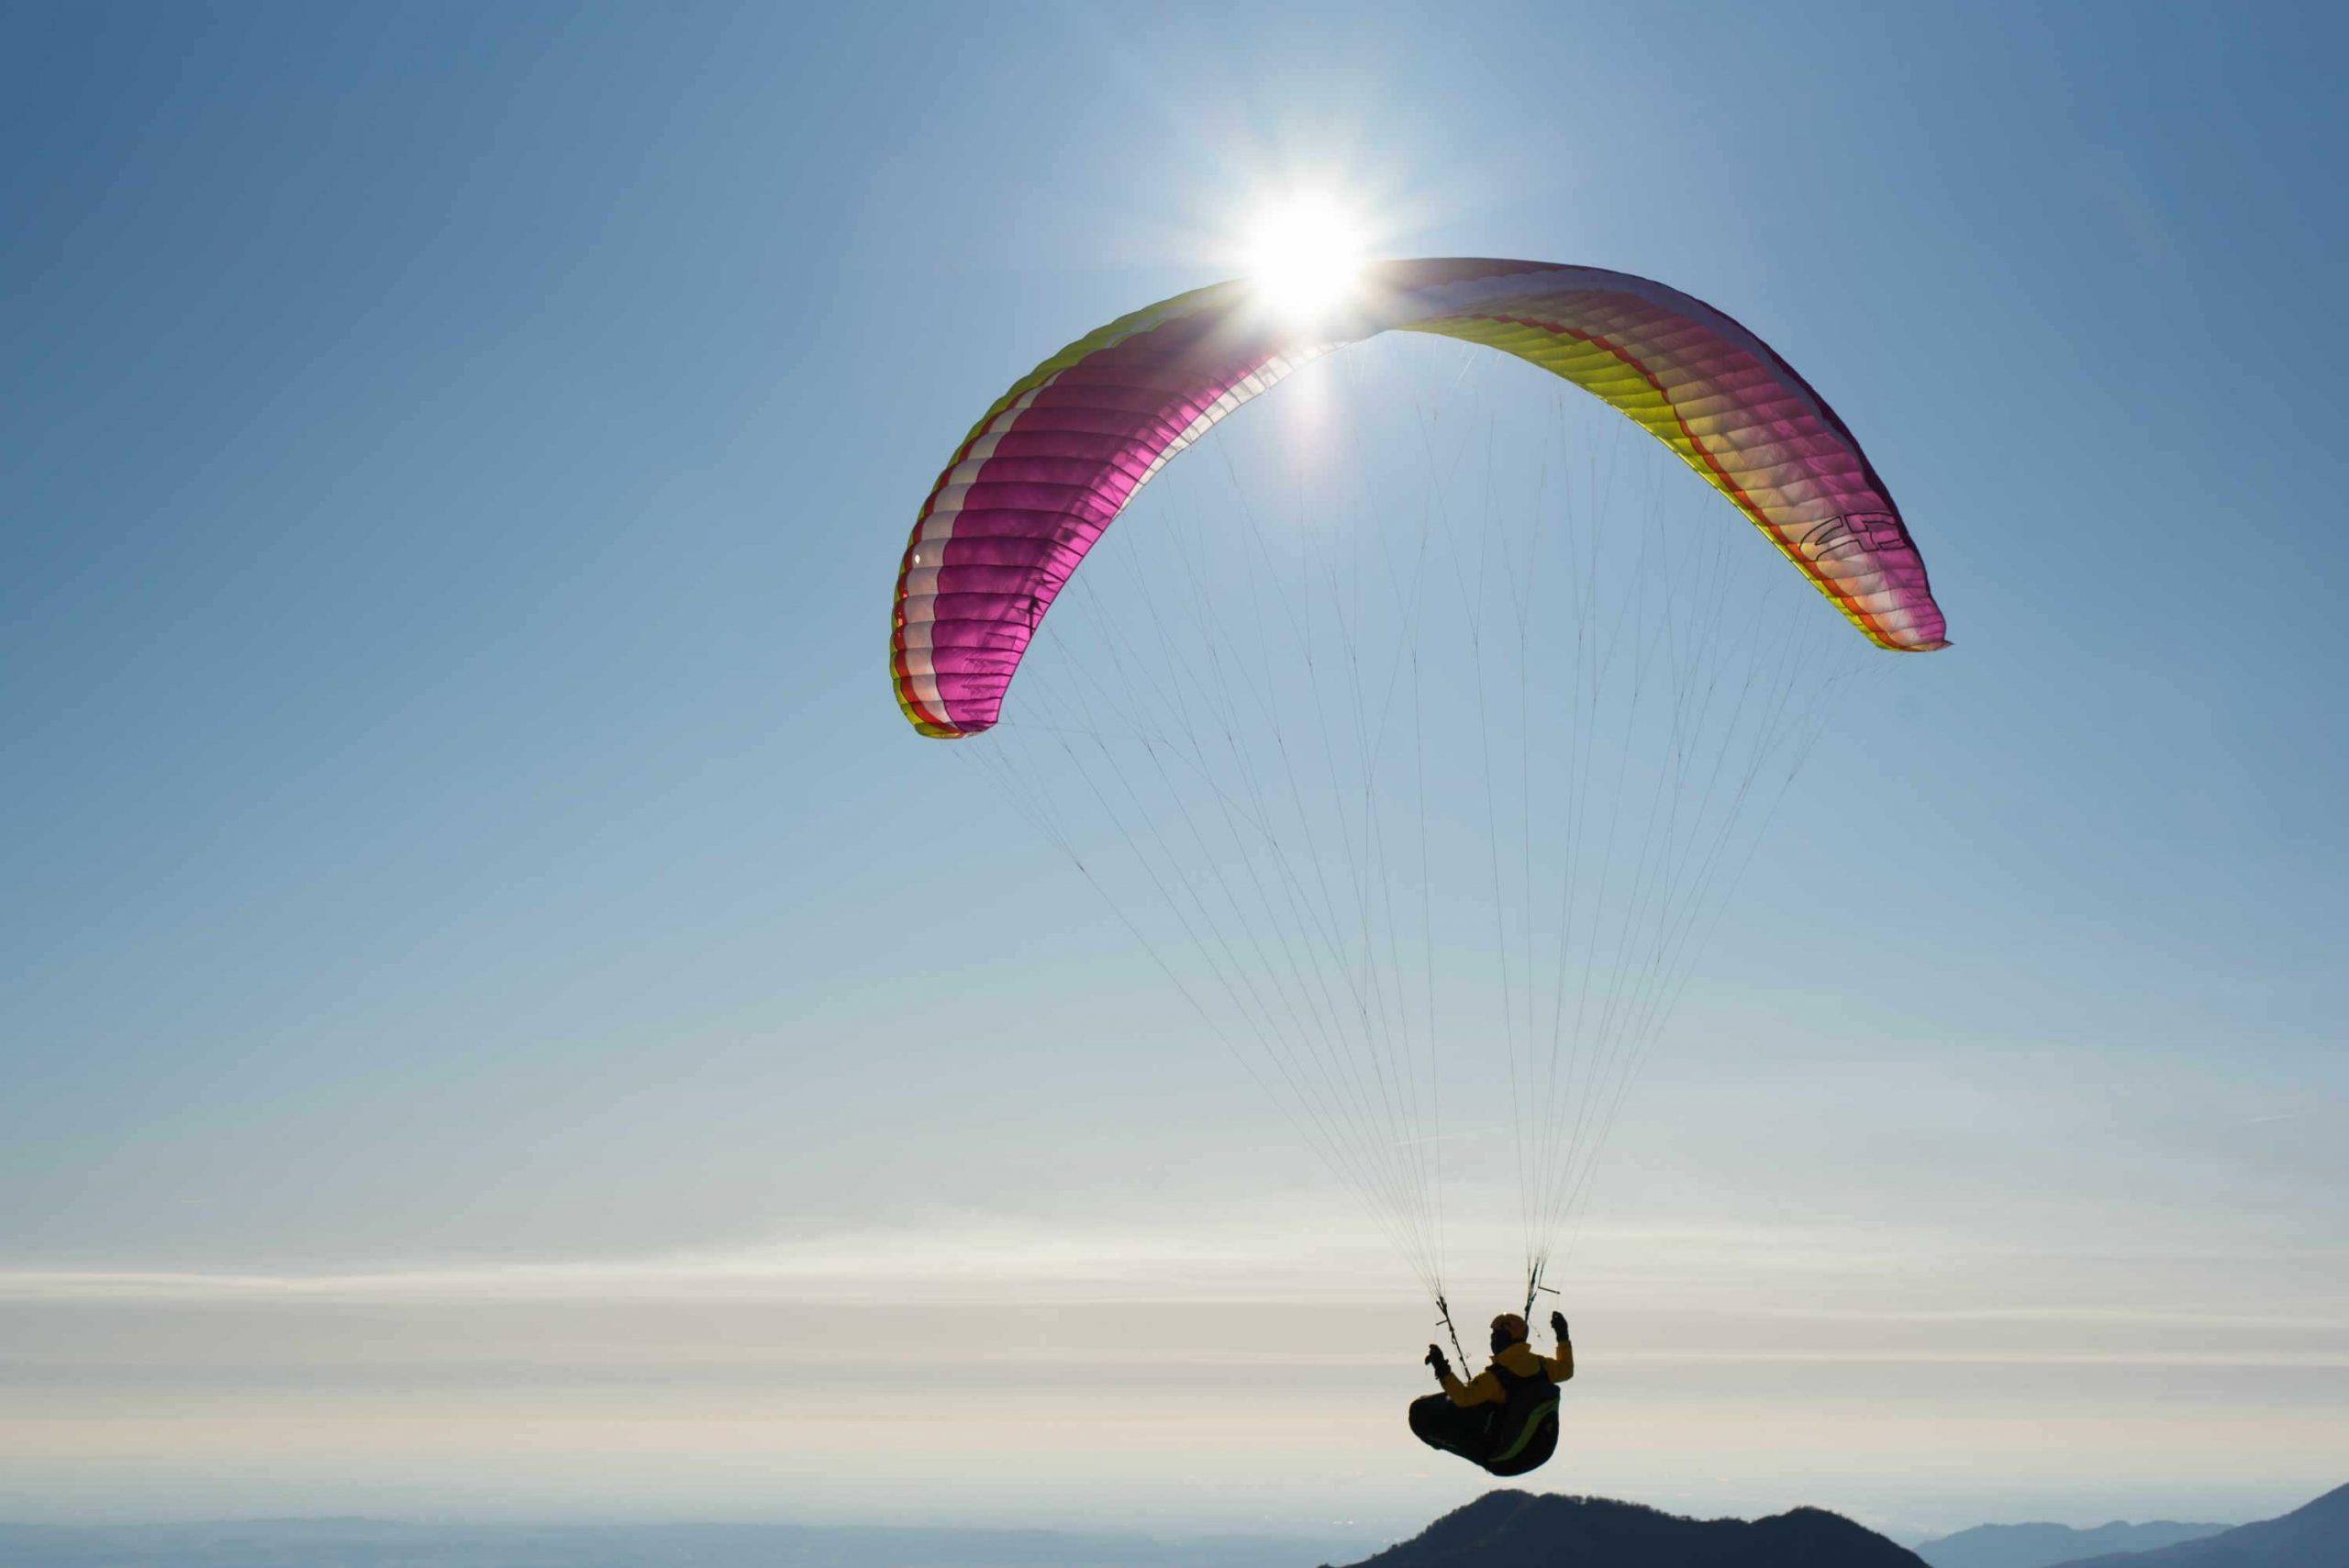 AirDesign Rise 4 lilack over Meduno, Italy